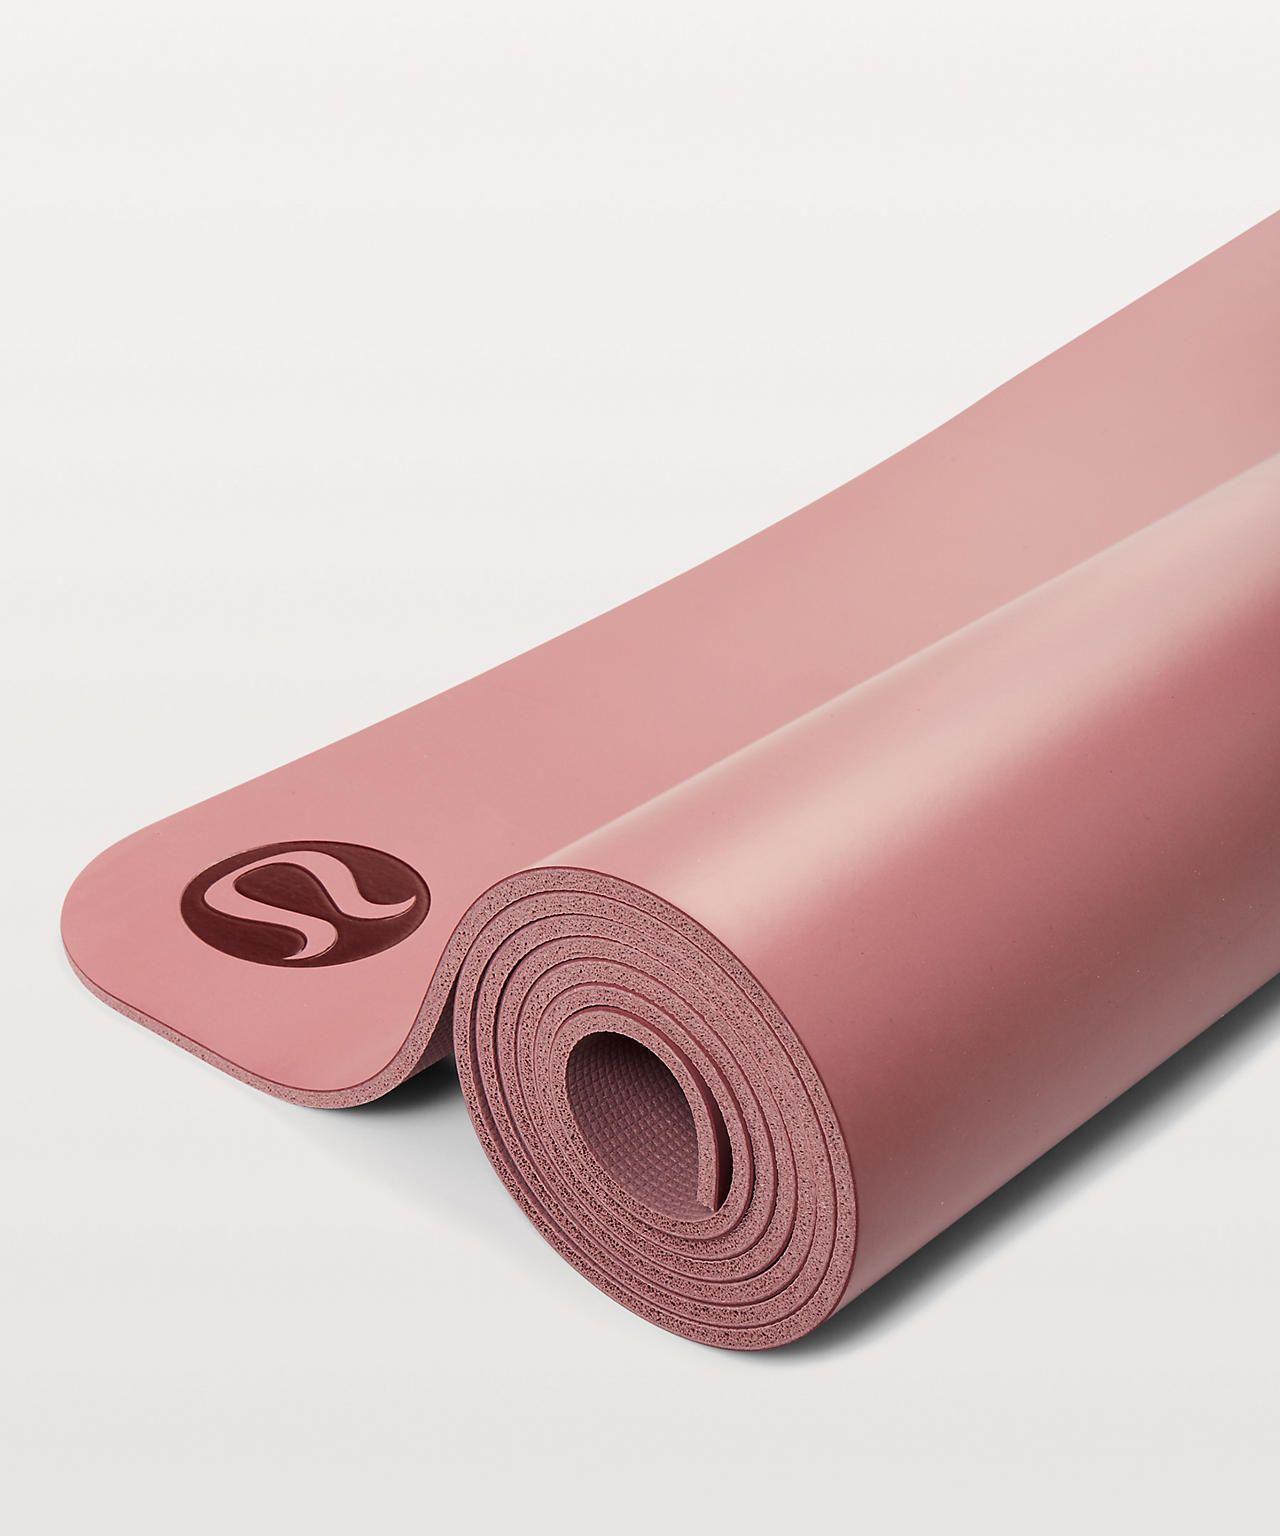 Lululemon The 5mm Mat In Quicksand Yogaaccessories Yoga Accessories Lululemon Yoga Mat Yoga Accessories Mats